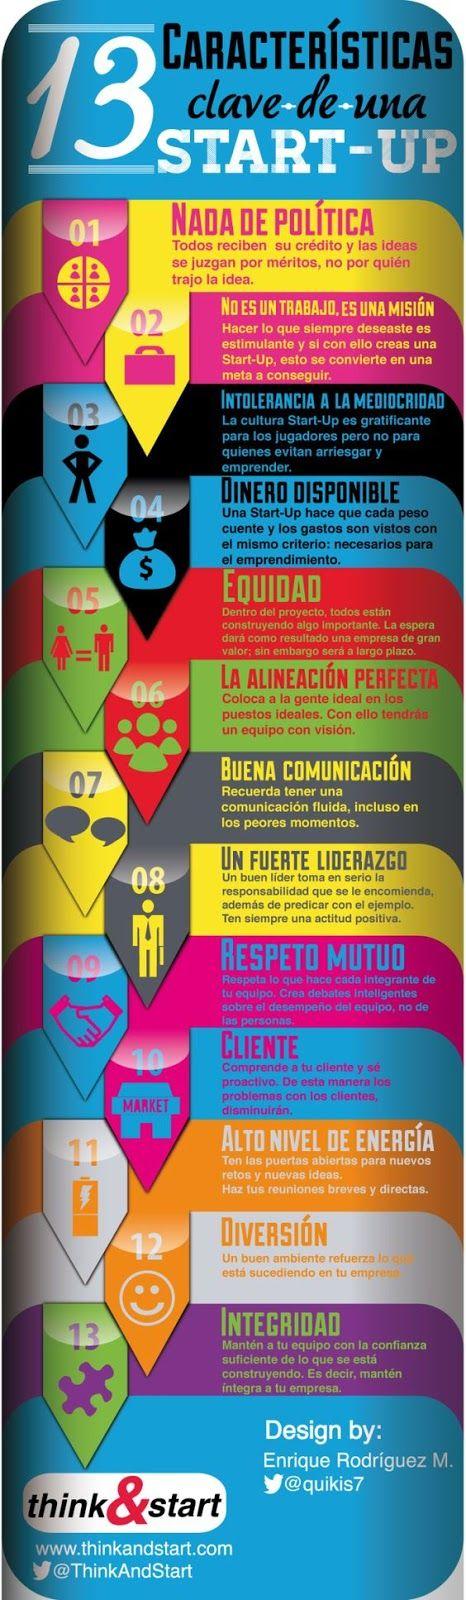 Plaza Digital: Personal de la Empresa